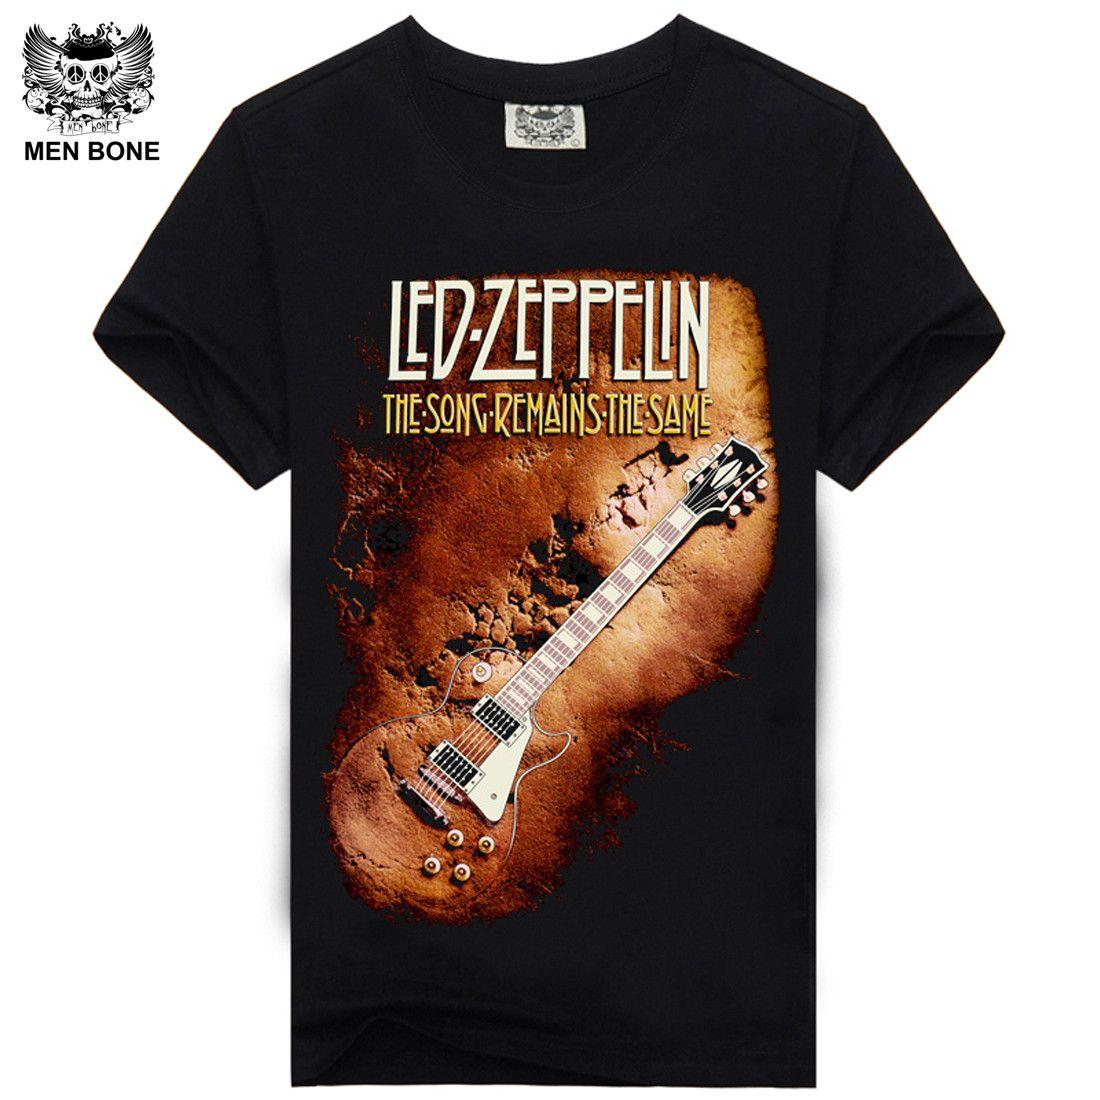 [Hommes bone] nouveauté heavy metal rock band Rock Band imprimer t-shirt à manches courtes col rond hip hop décontracté hommes